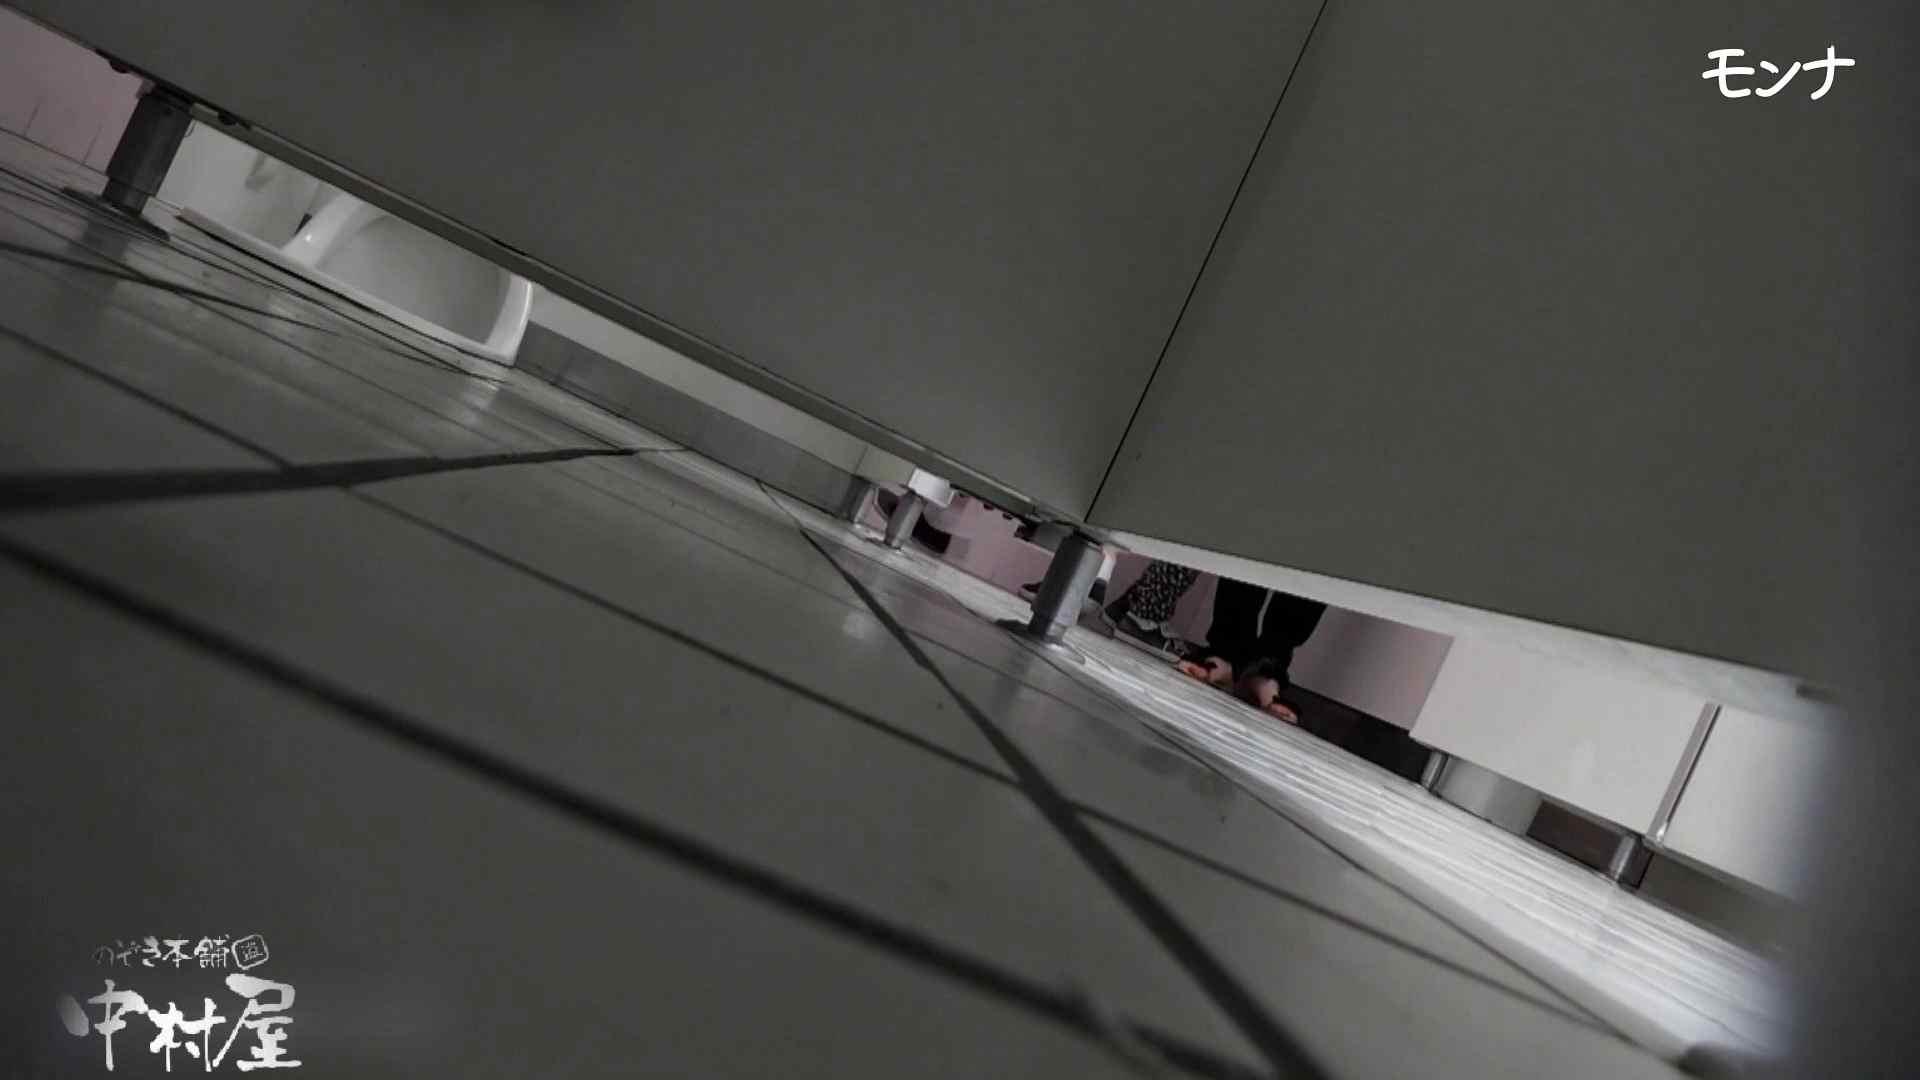 【美しい日本の未来】美しい日本の未来 No.73 自然なセクシーな仕草に感動中 盗撮師作品 スケベ動画紹介 89pic 22